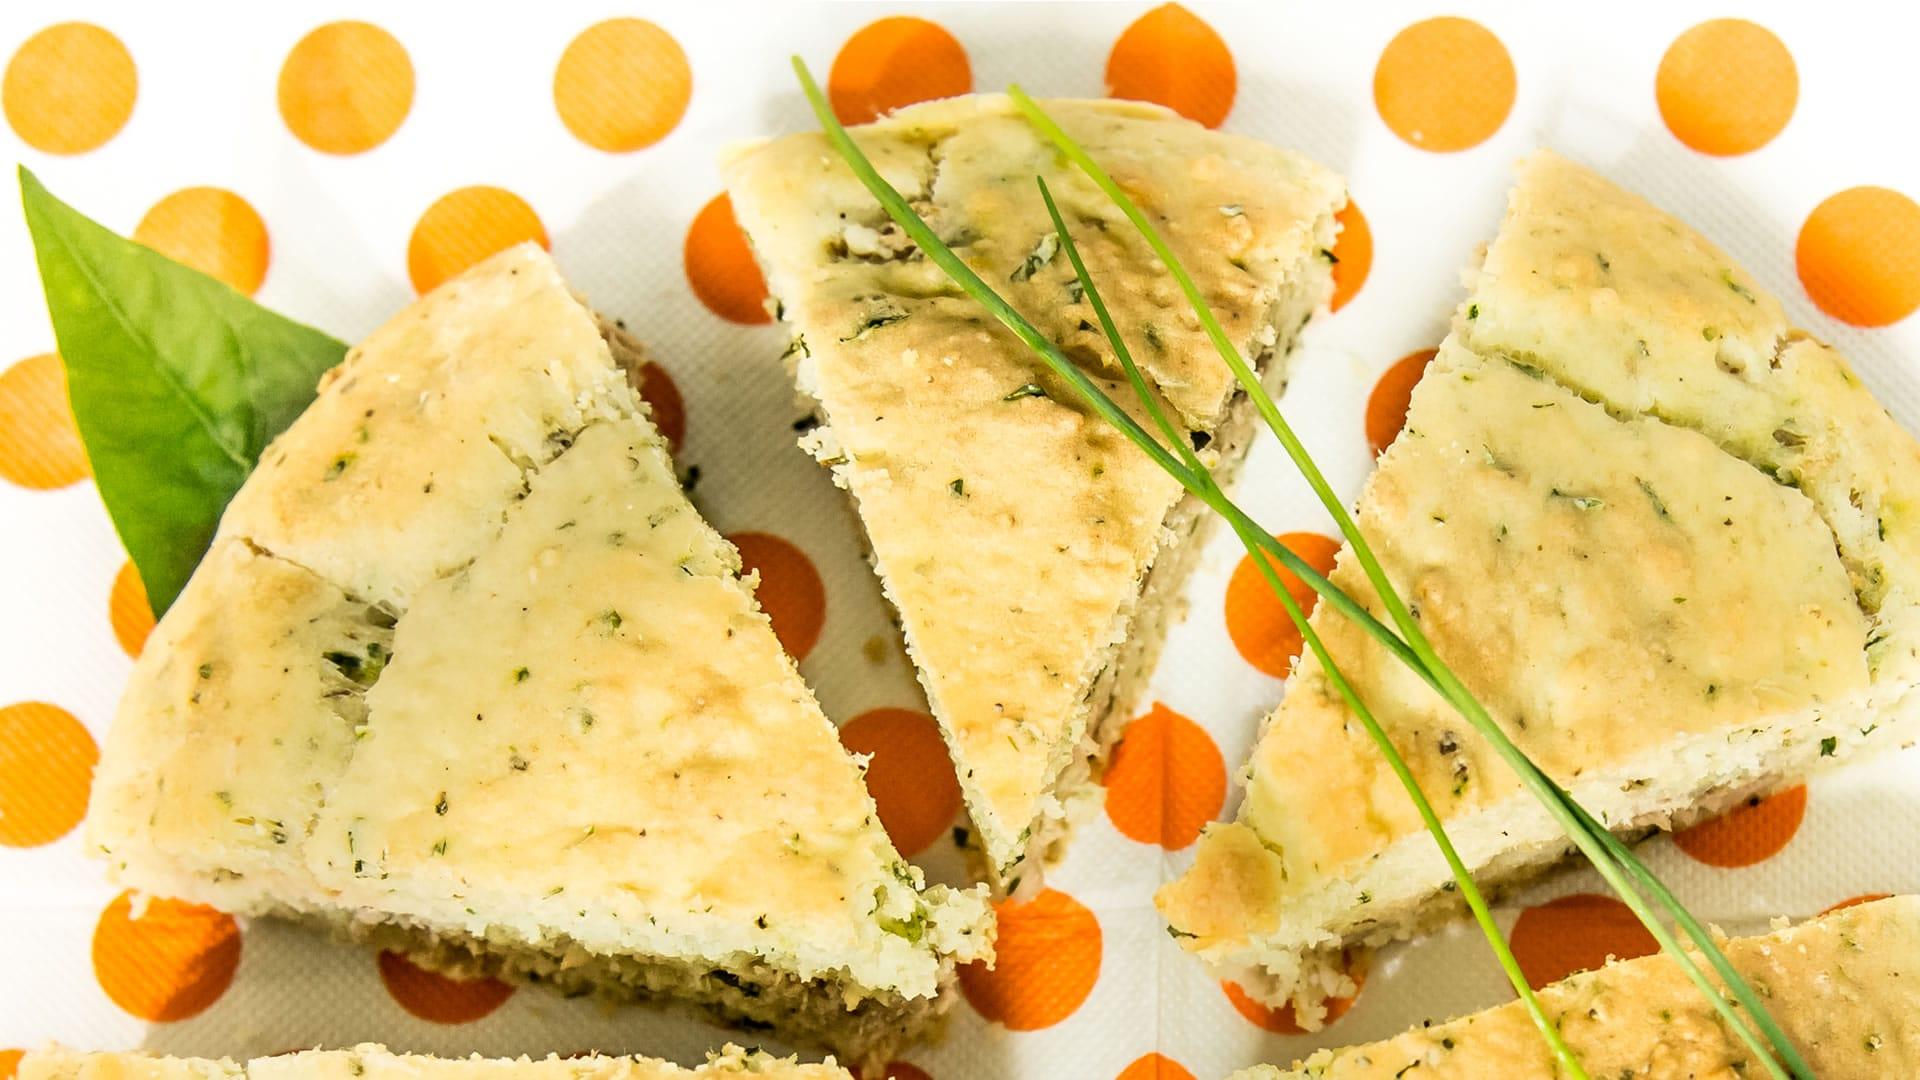 Foto Torta Salata all'Acqua - Facile e Veloce - Senza Uova, Burro e Latte